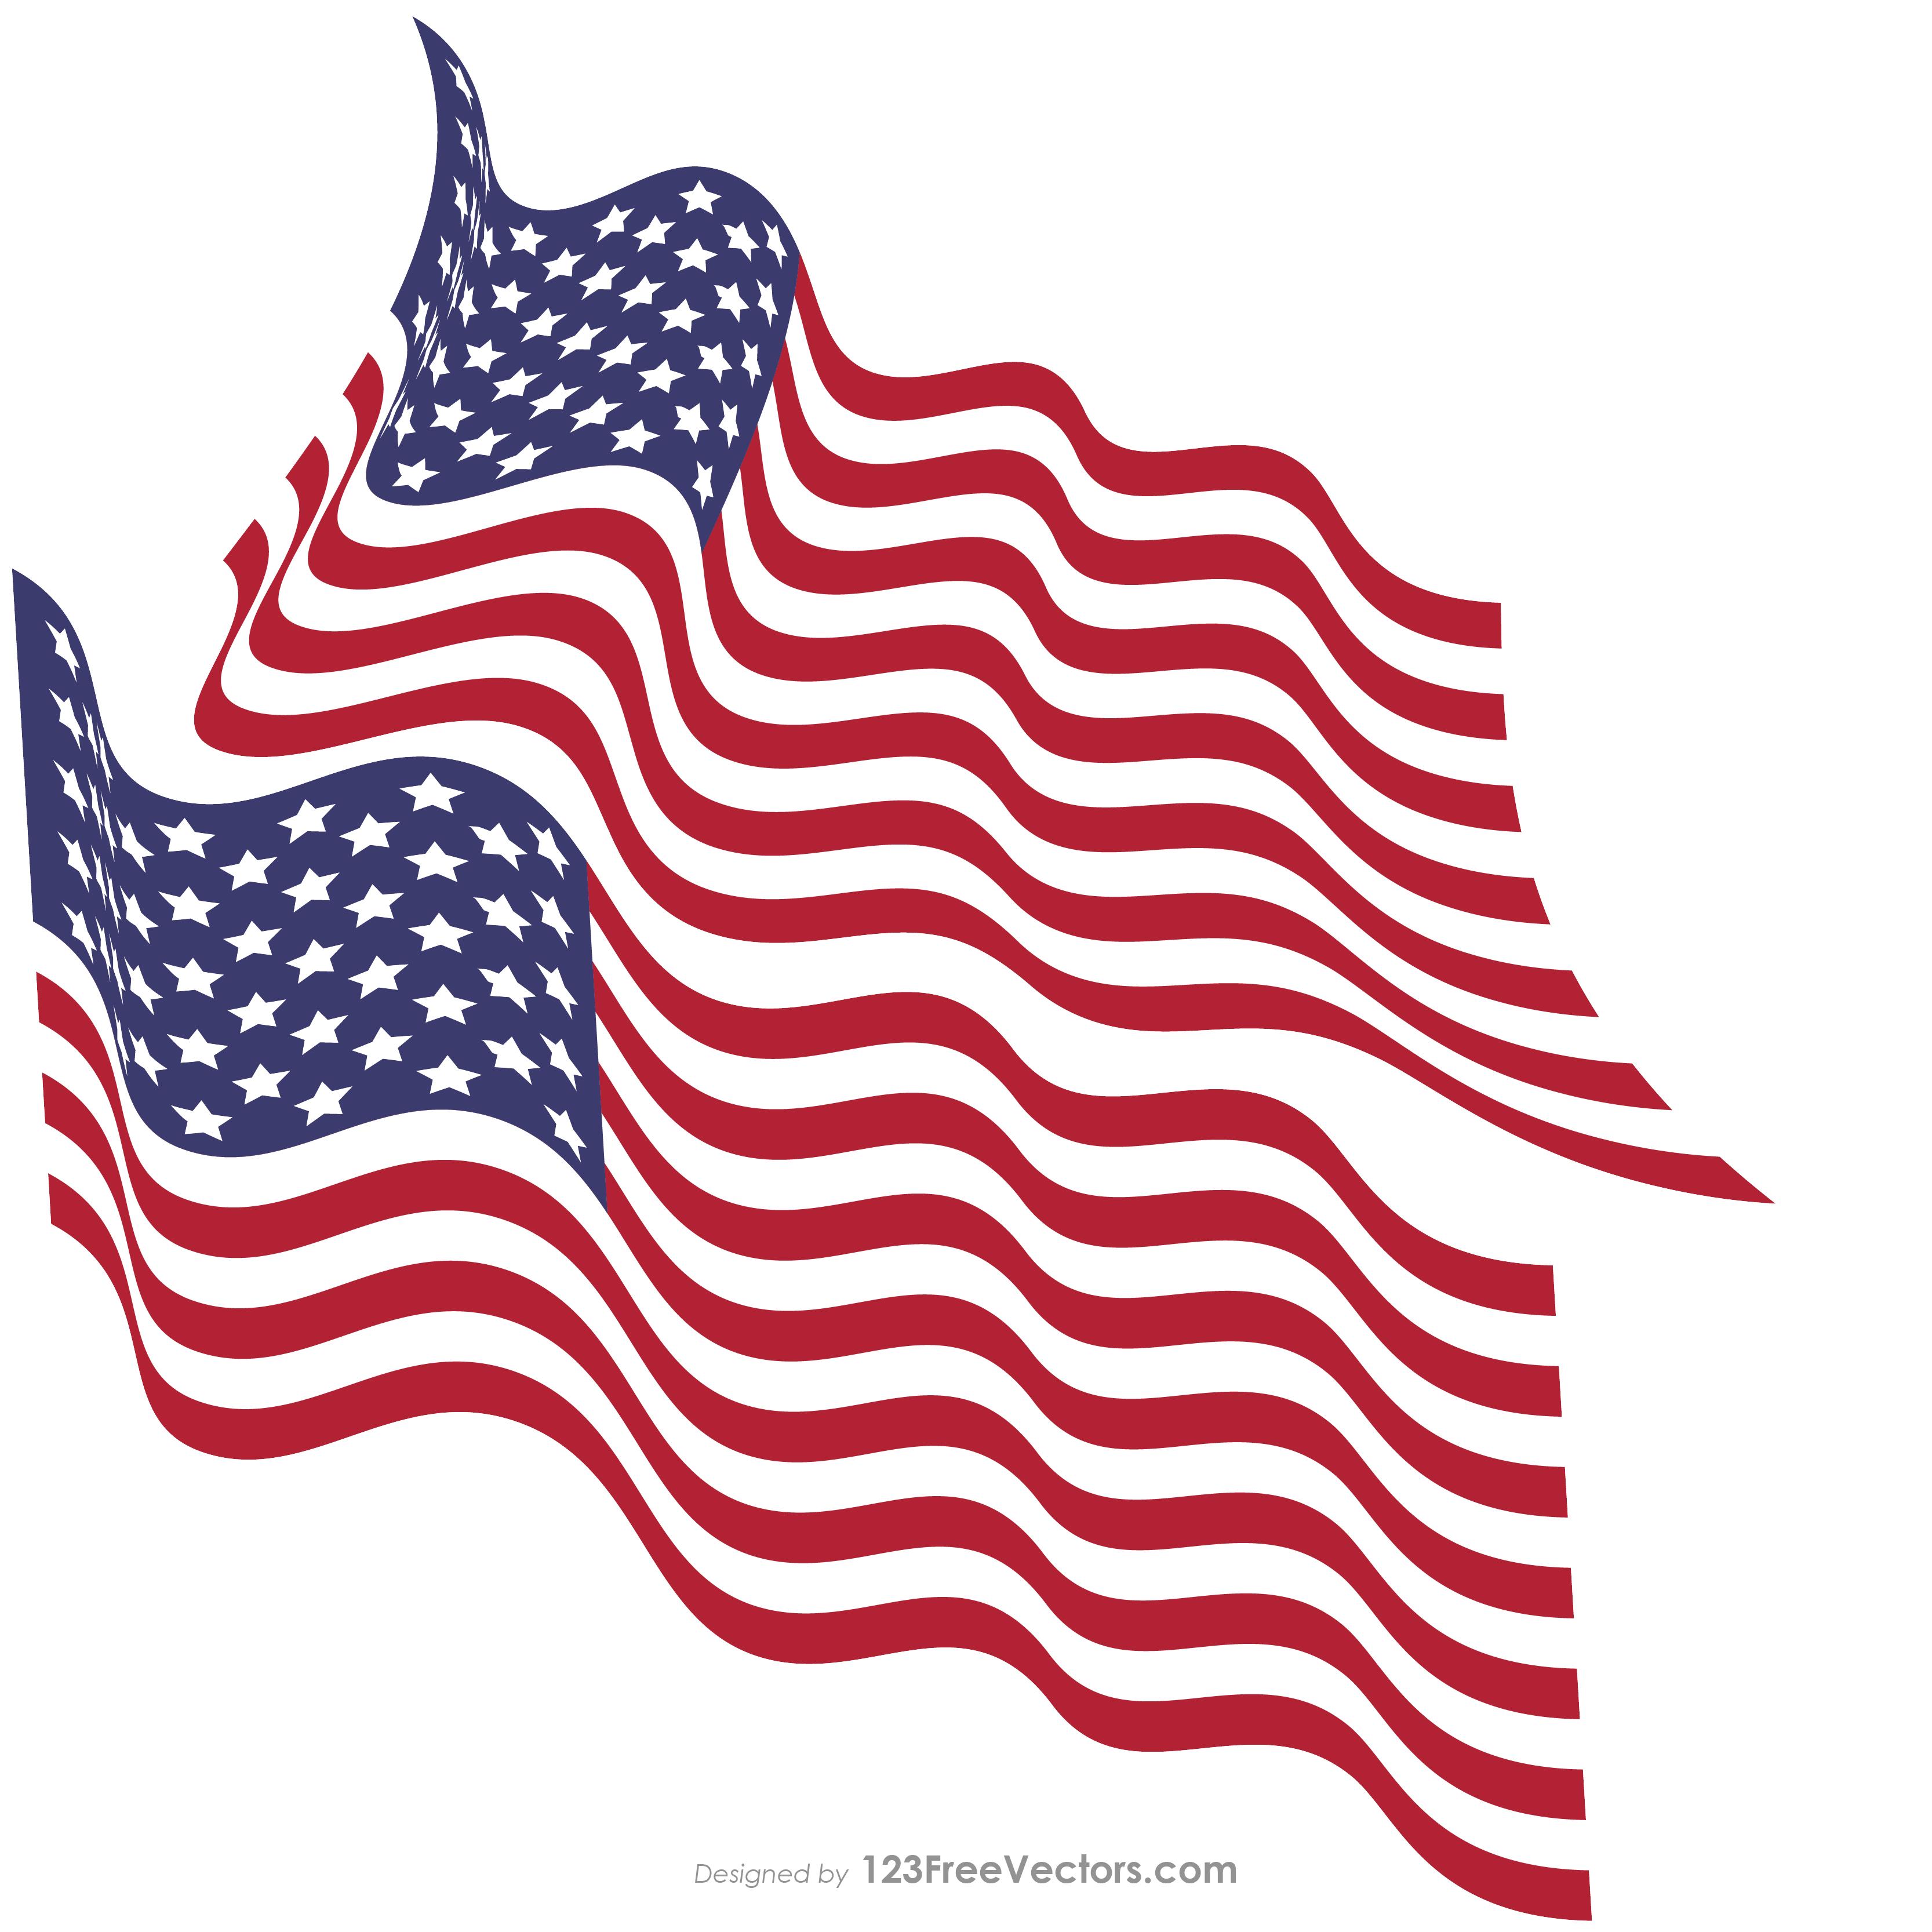 90+ USA Flags Vectors | Download Free Vector Art & Graphics